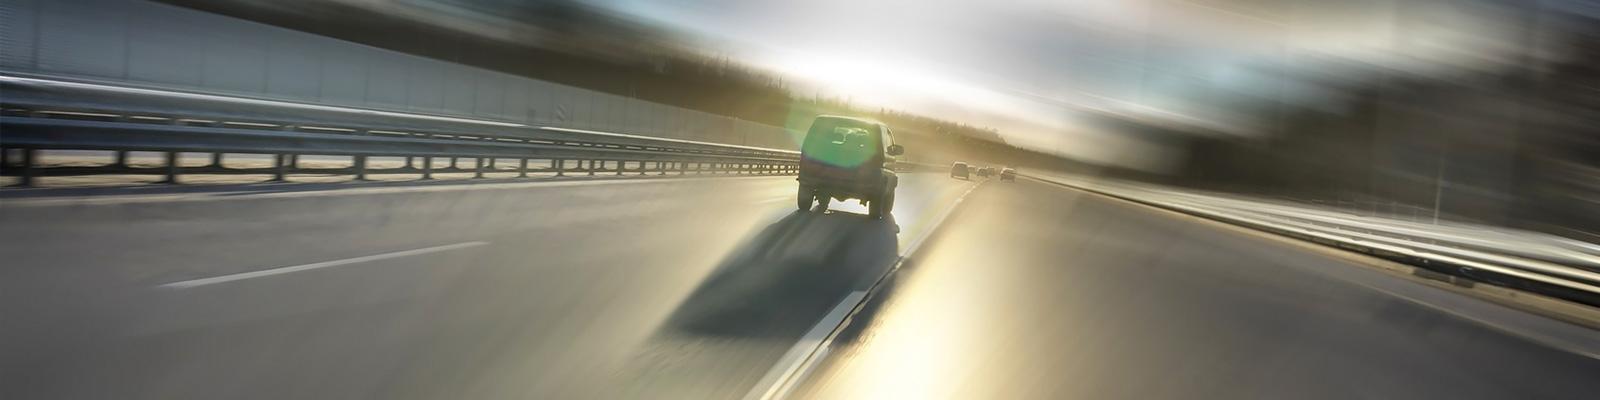 高速道路 自動車 眠気 イメージ